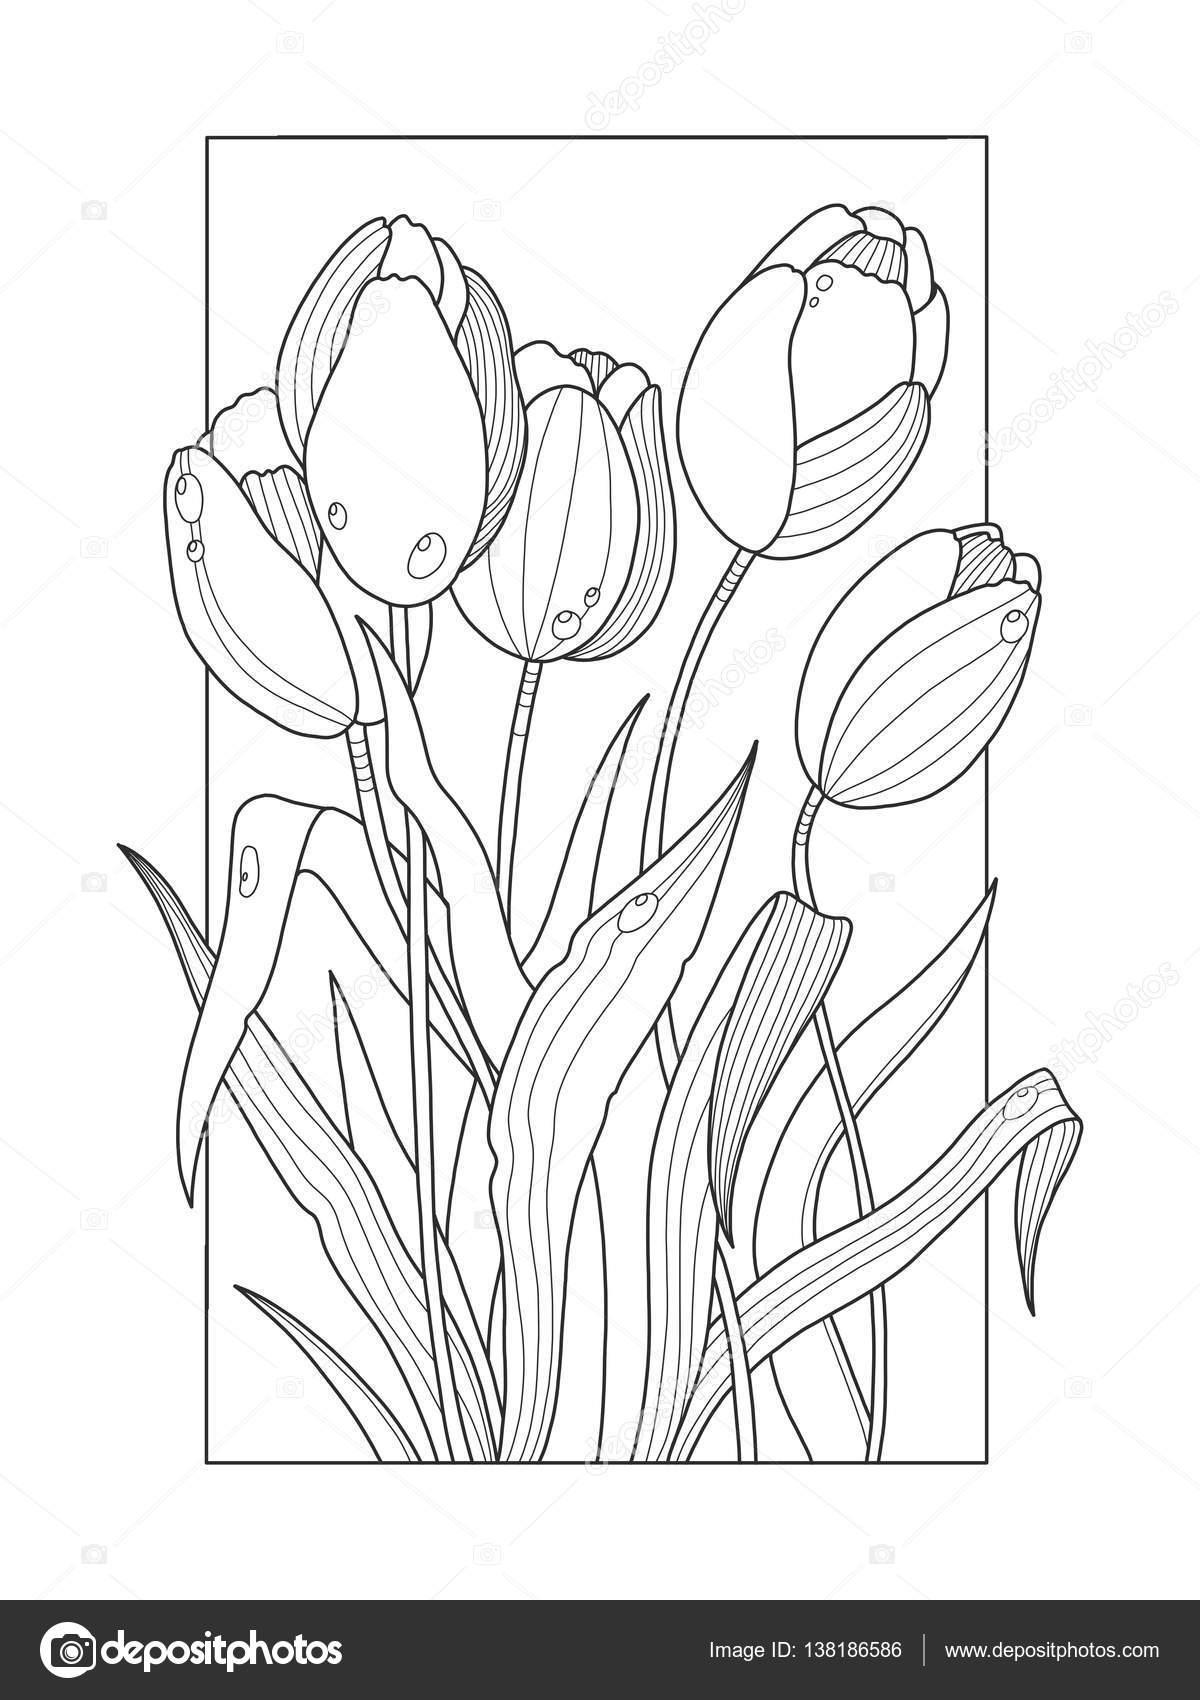 kleurplaat tulp narcis hyacint kleurplaat tulp narcis